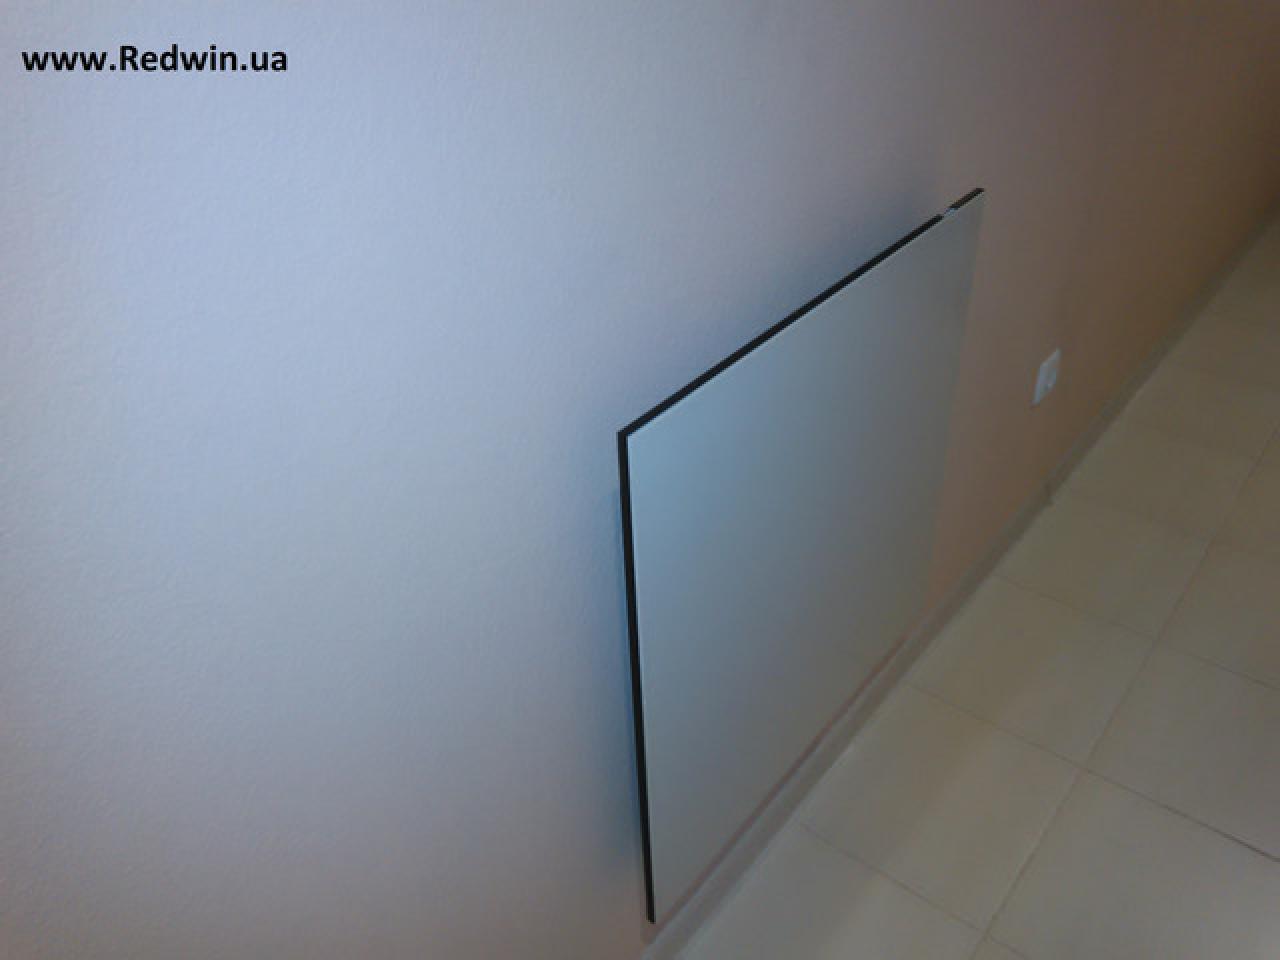 Керамические инфракрасные панели отопления. Мощность 375 Вт - 8